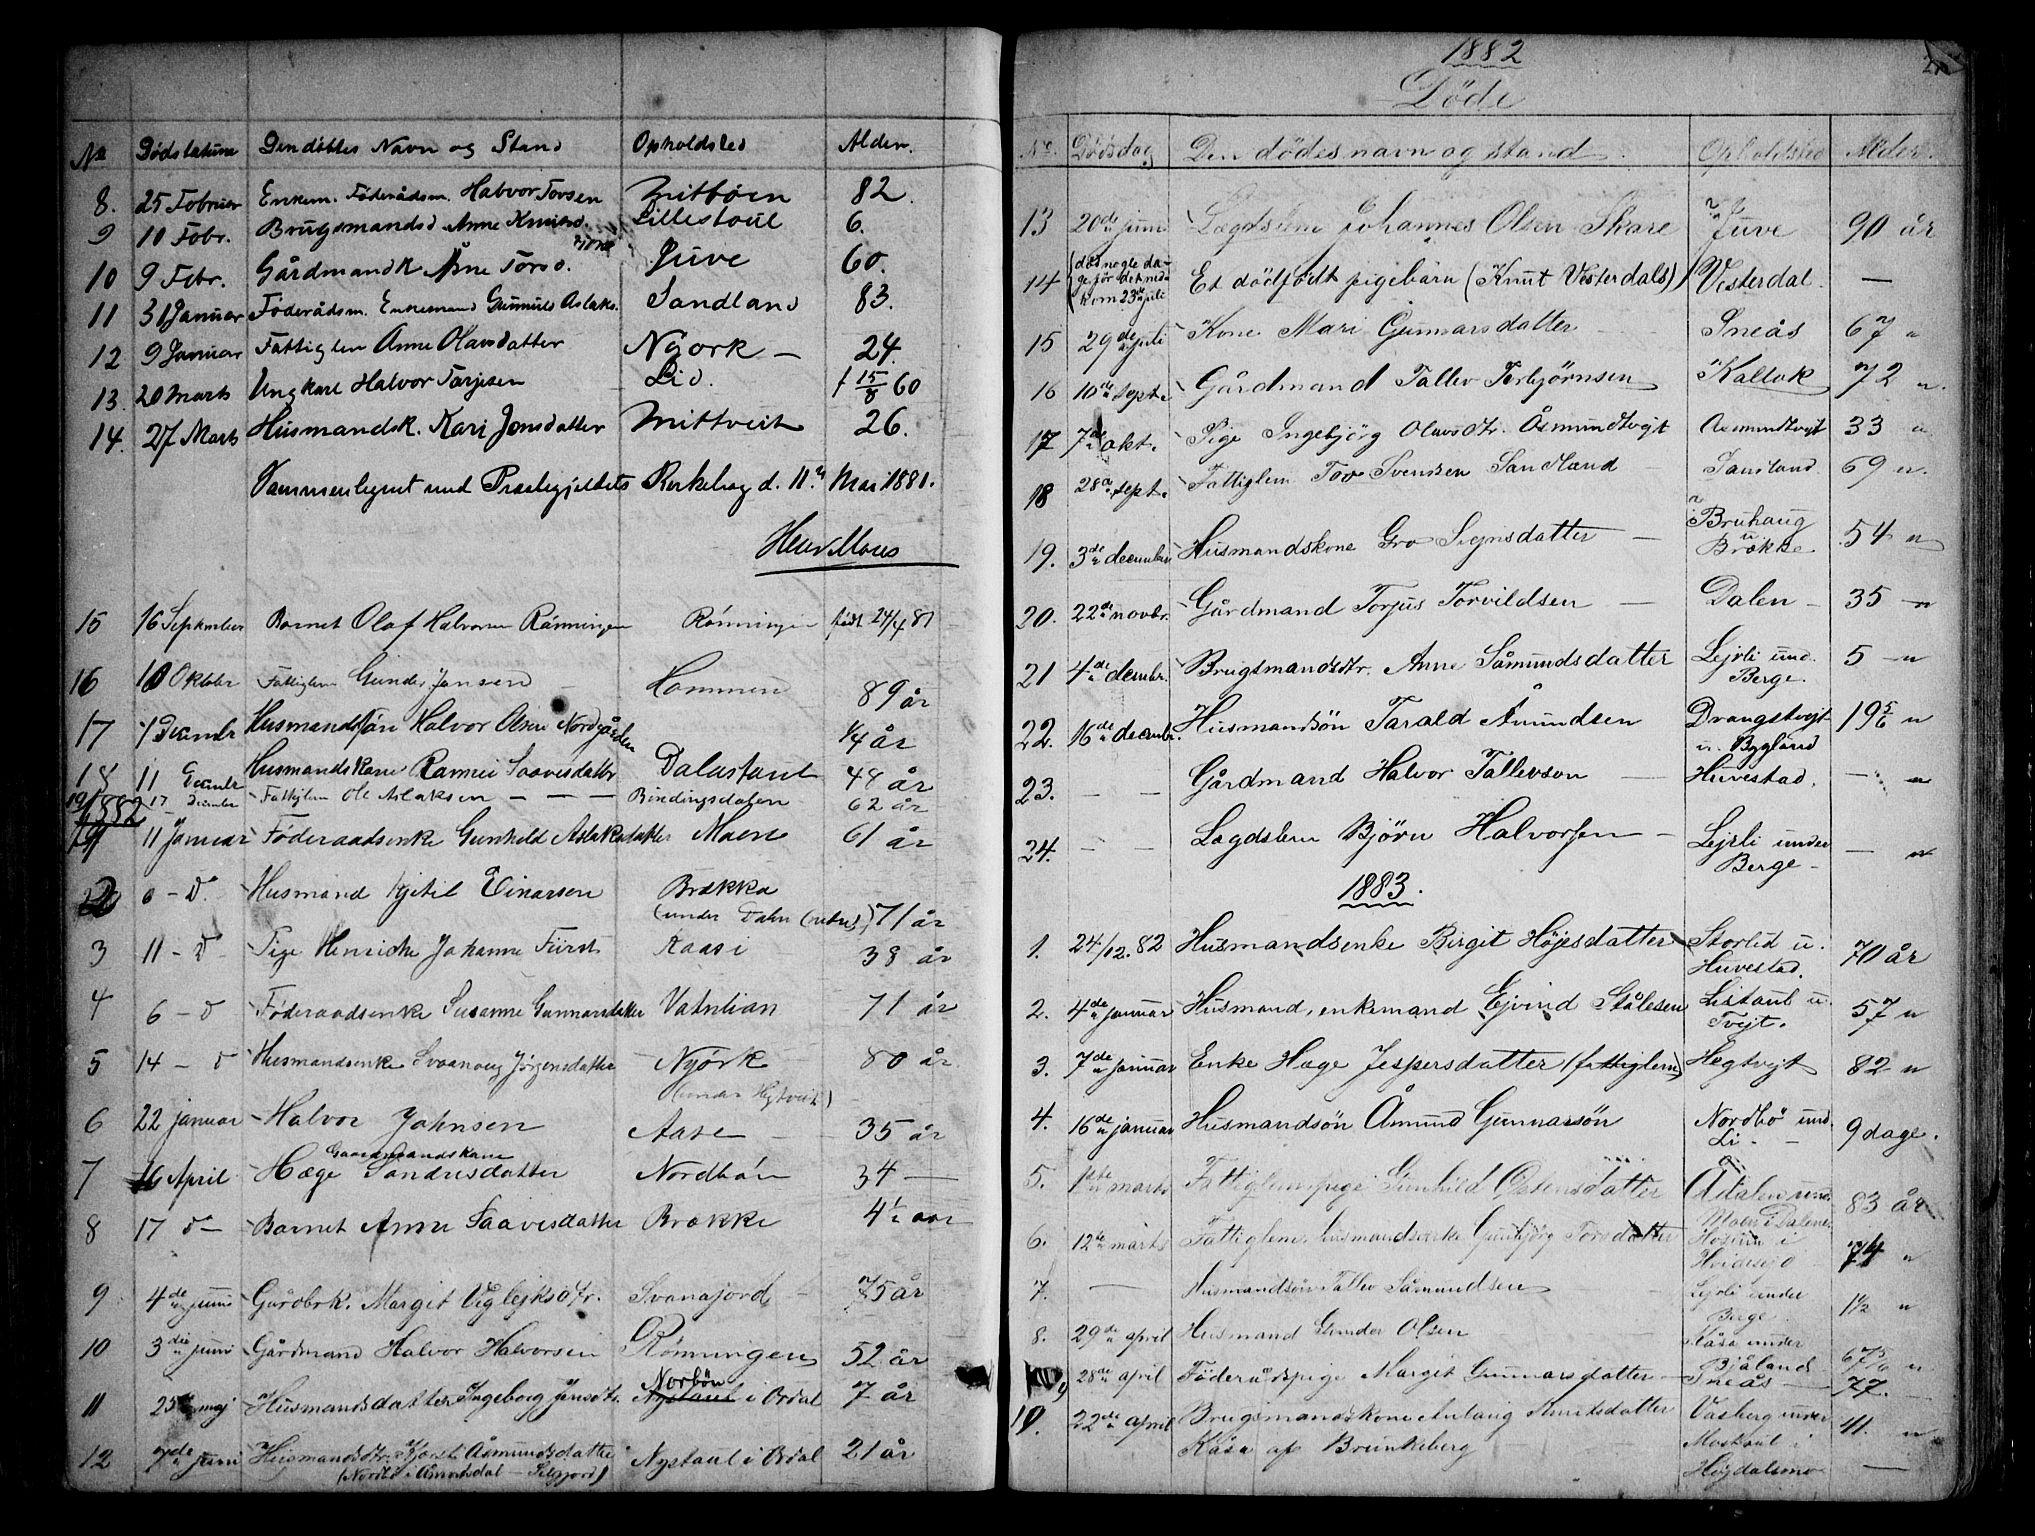 SAKO, Kviteseid kirkebøker, G/Gb/L0002: Klokkerbok nr. II 2, 1850-1892, s. 257